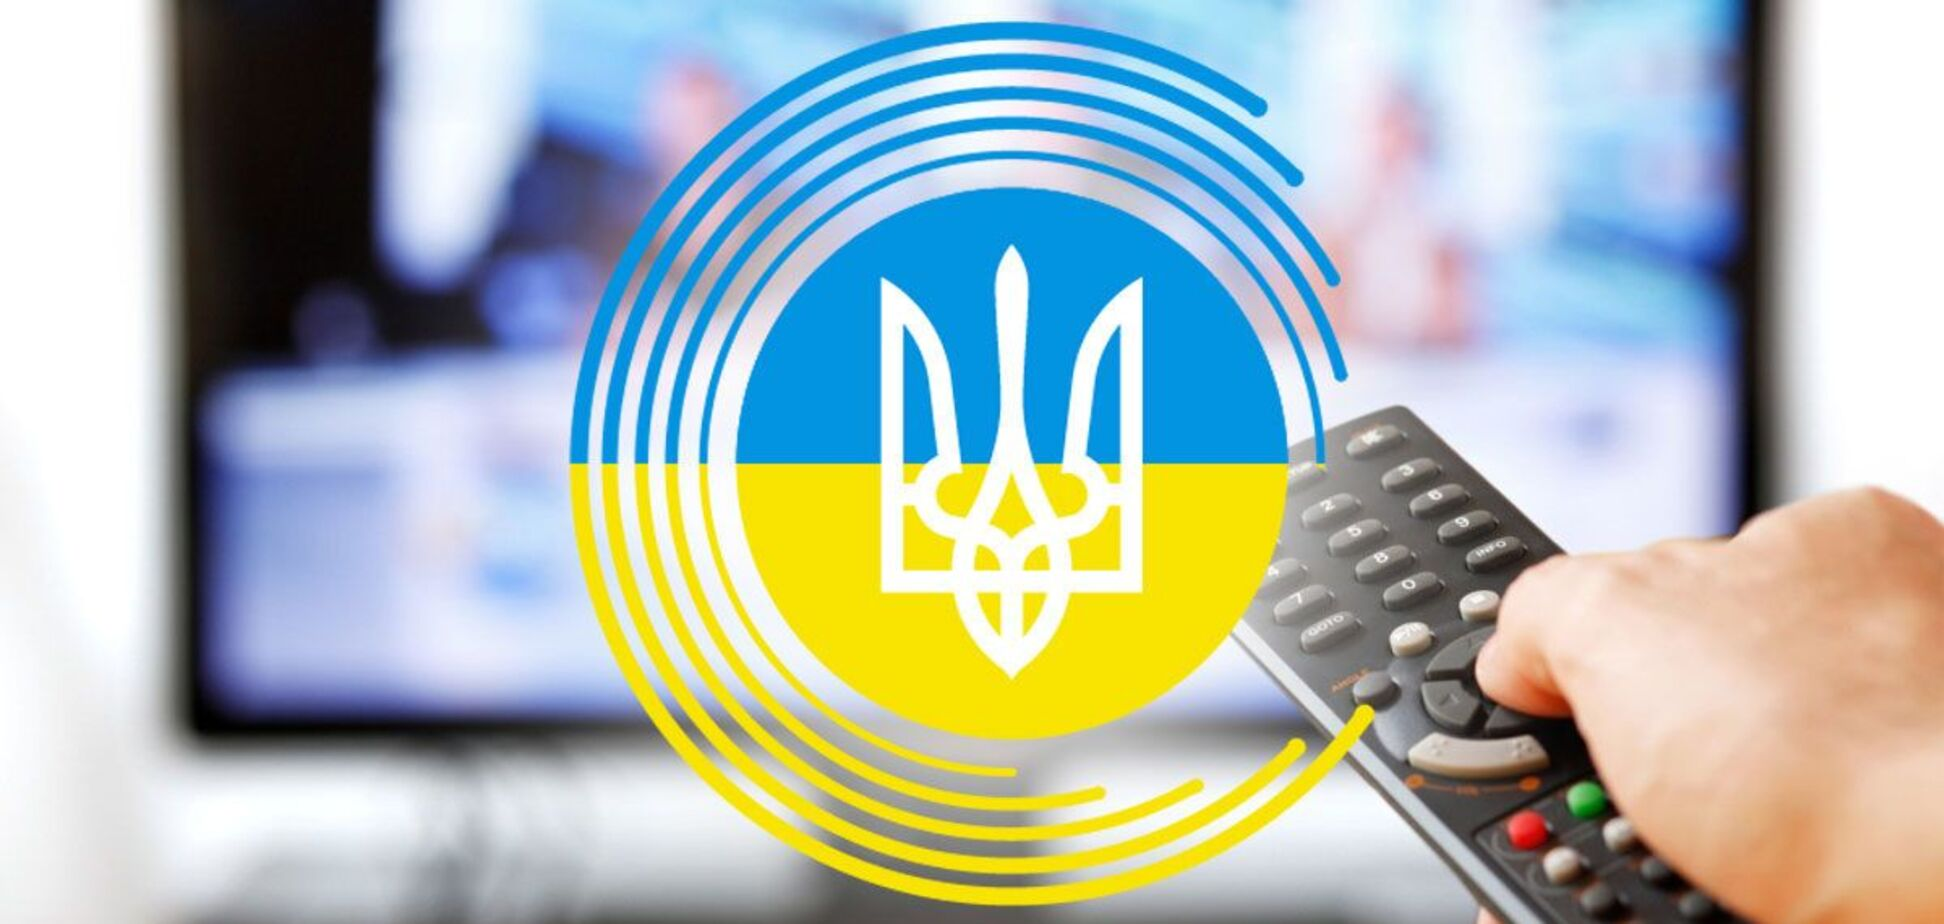 Стало відомо, який український канал очолив рейтинг переглядів